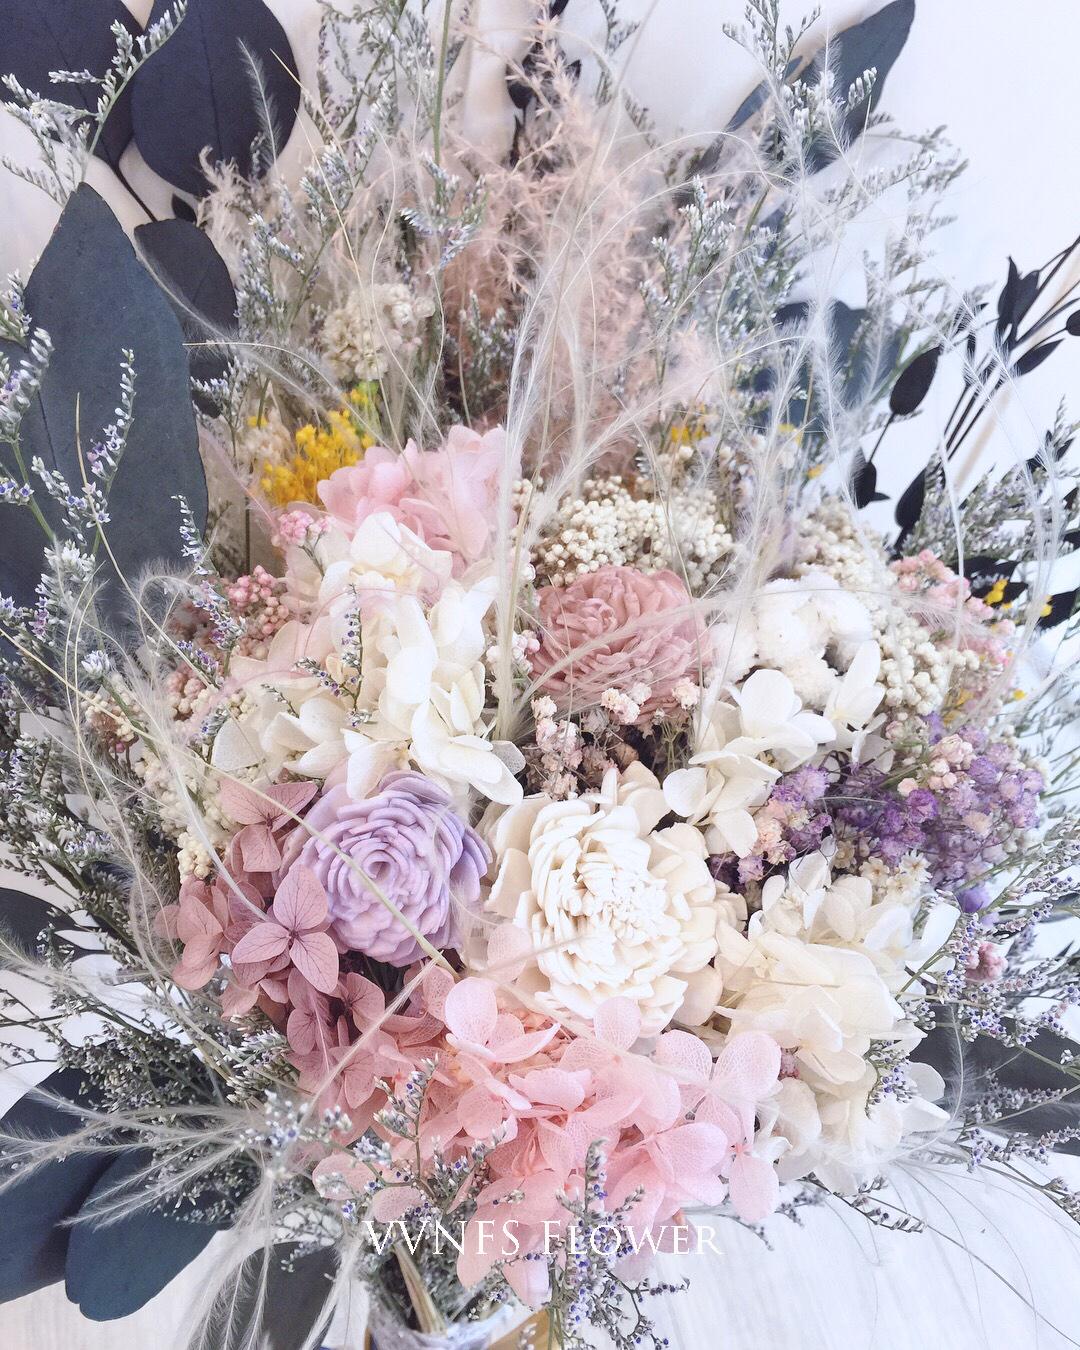 VVNFS Flower 18